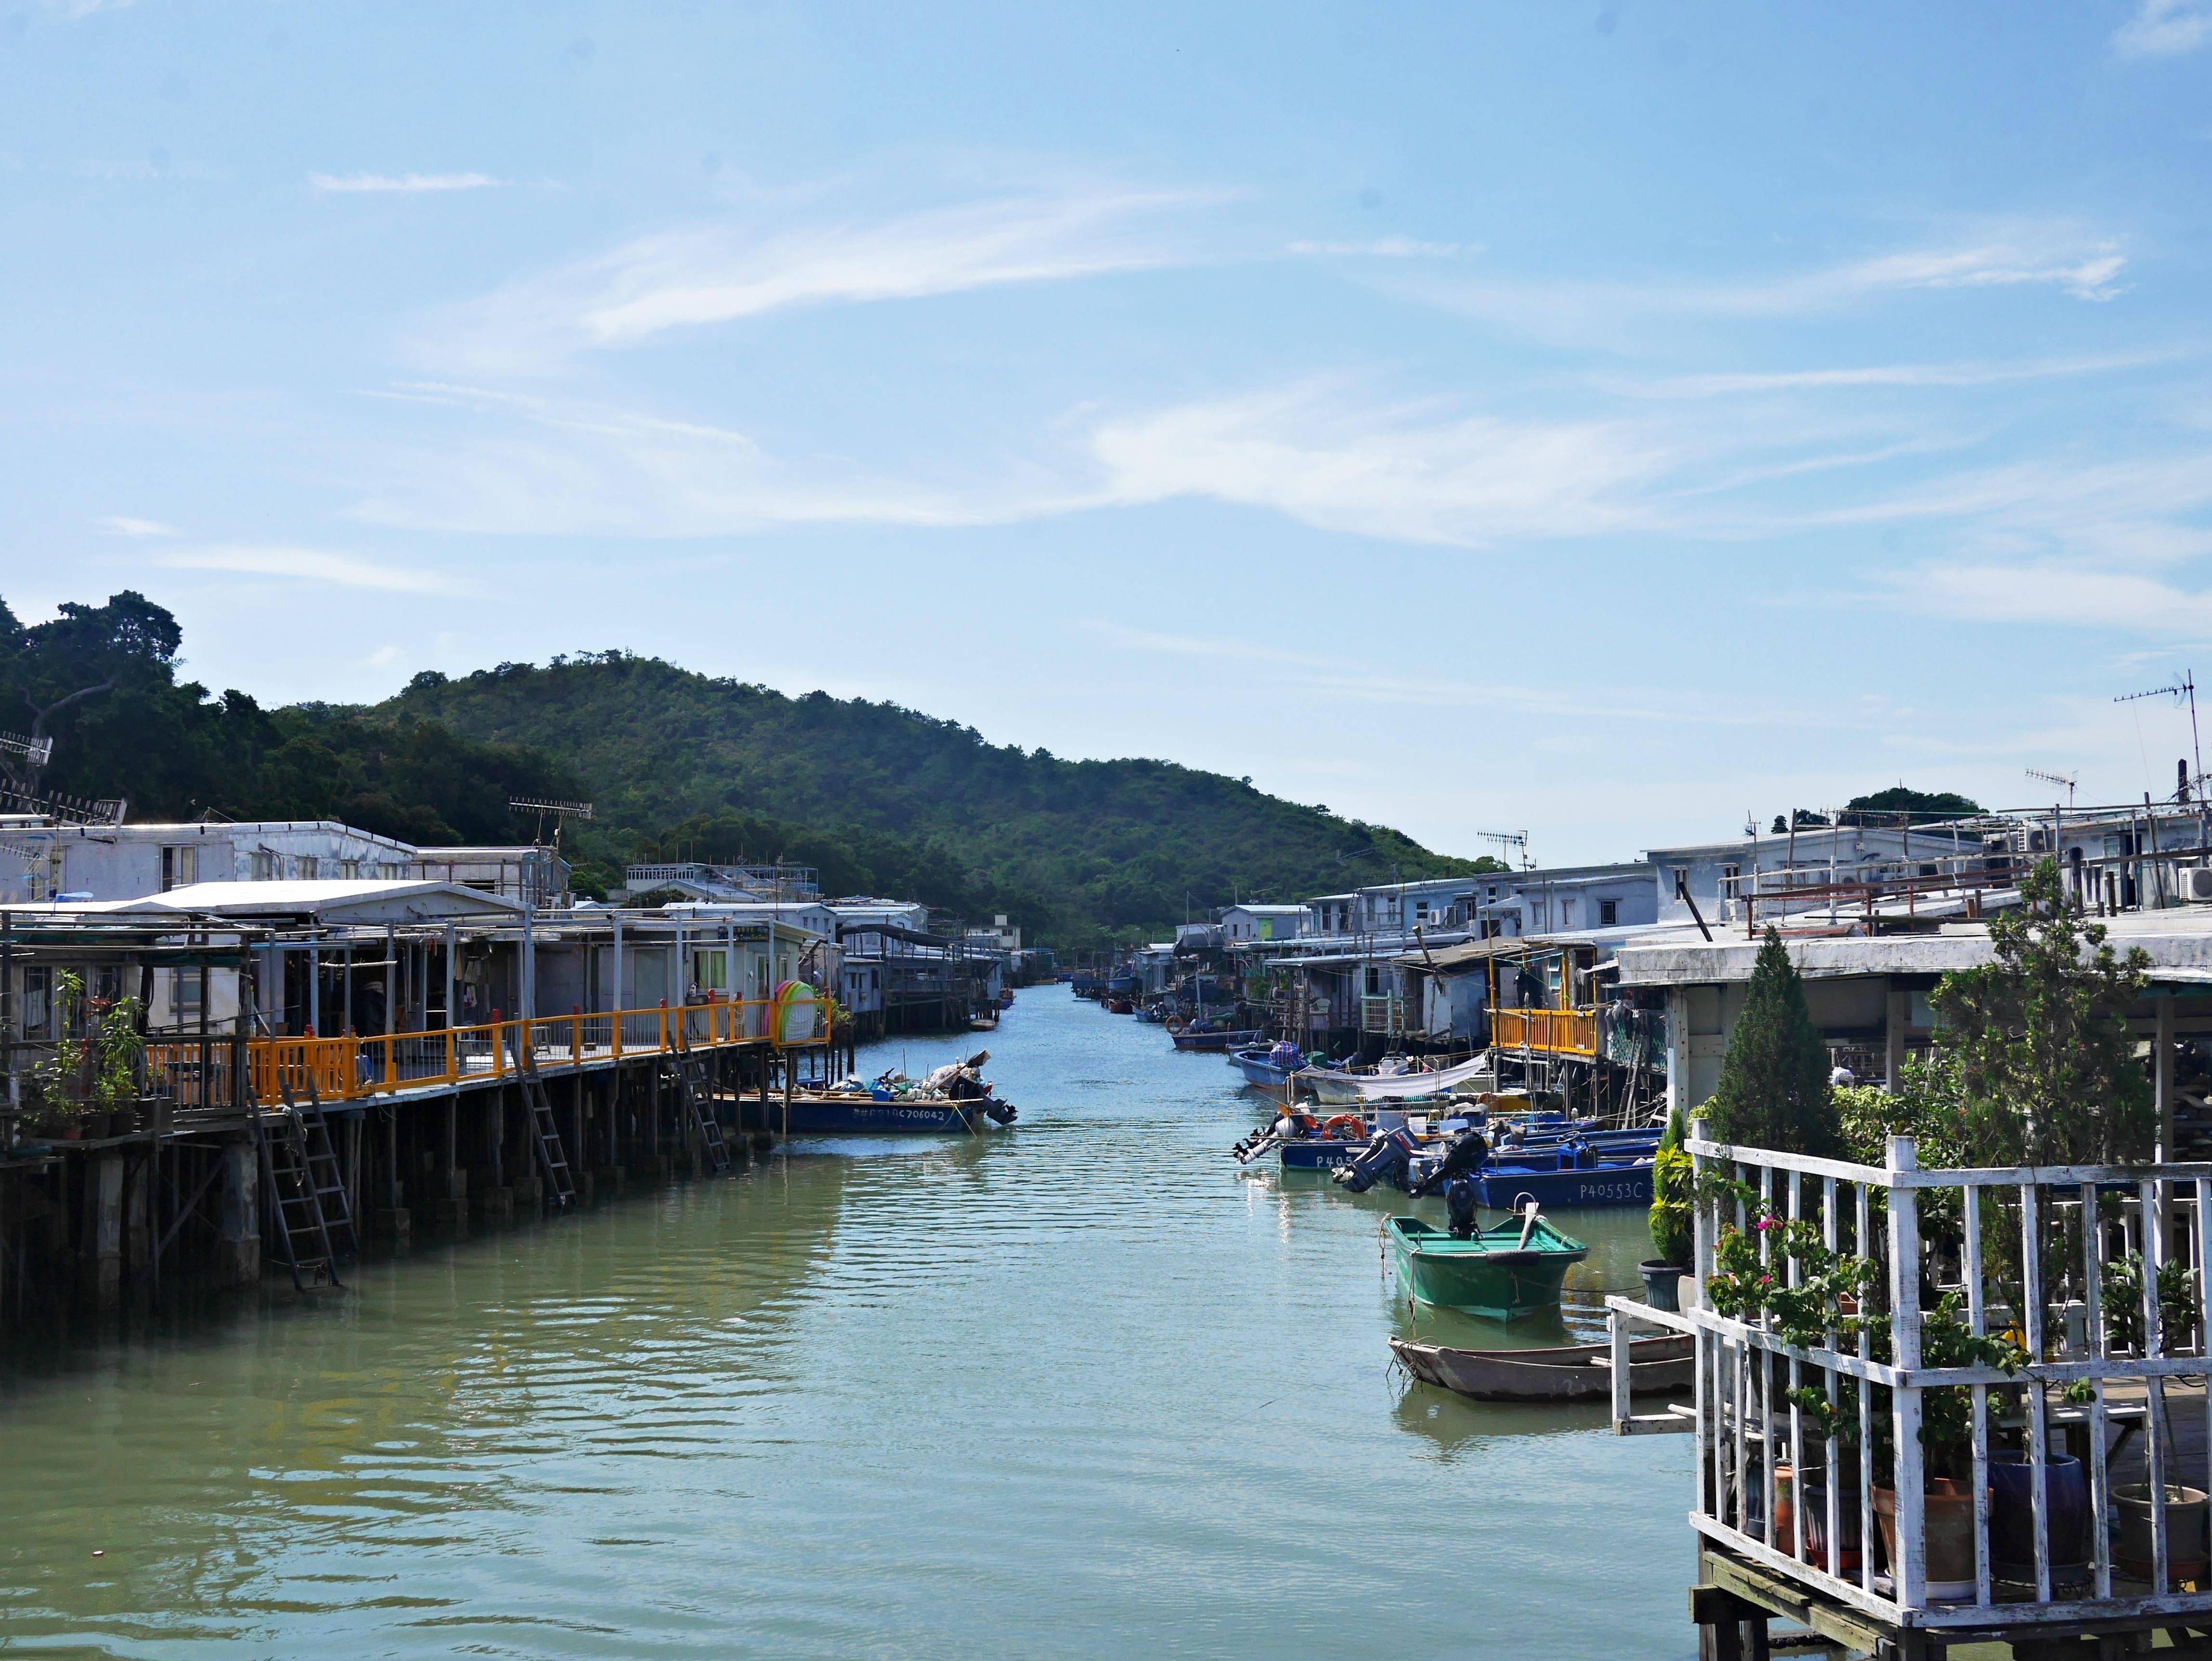 香港景點:大澳漁村懷舊之旅,特別的棚屋景觀,超適合拍照的美麗景點